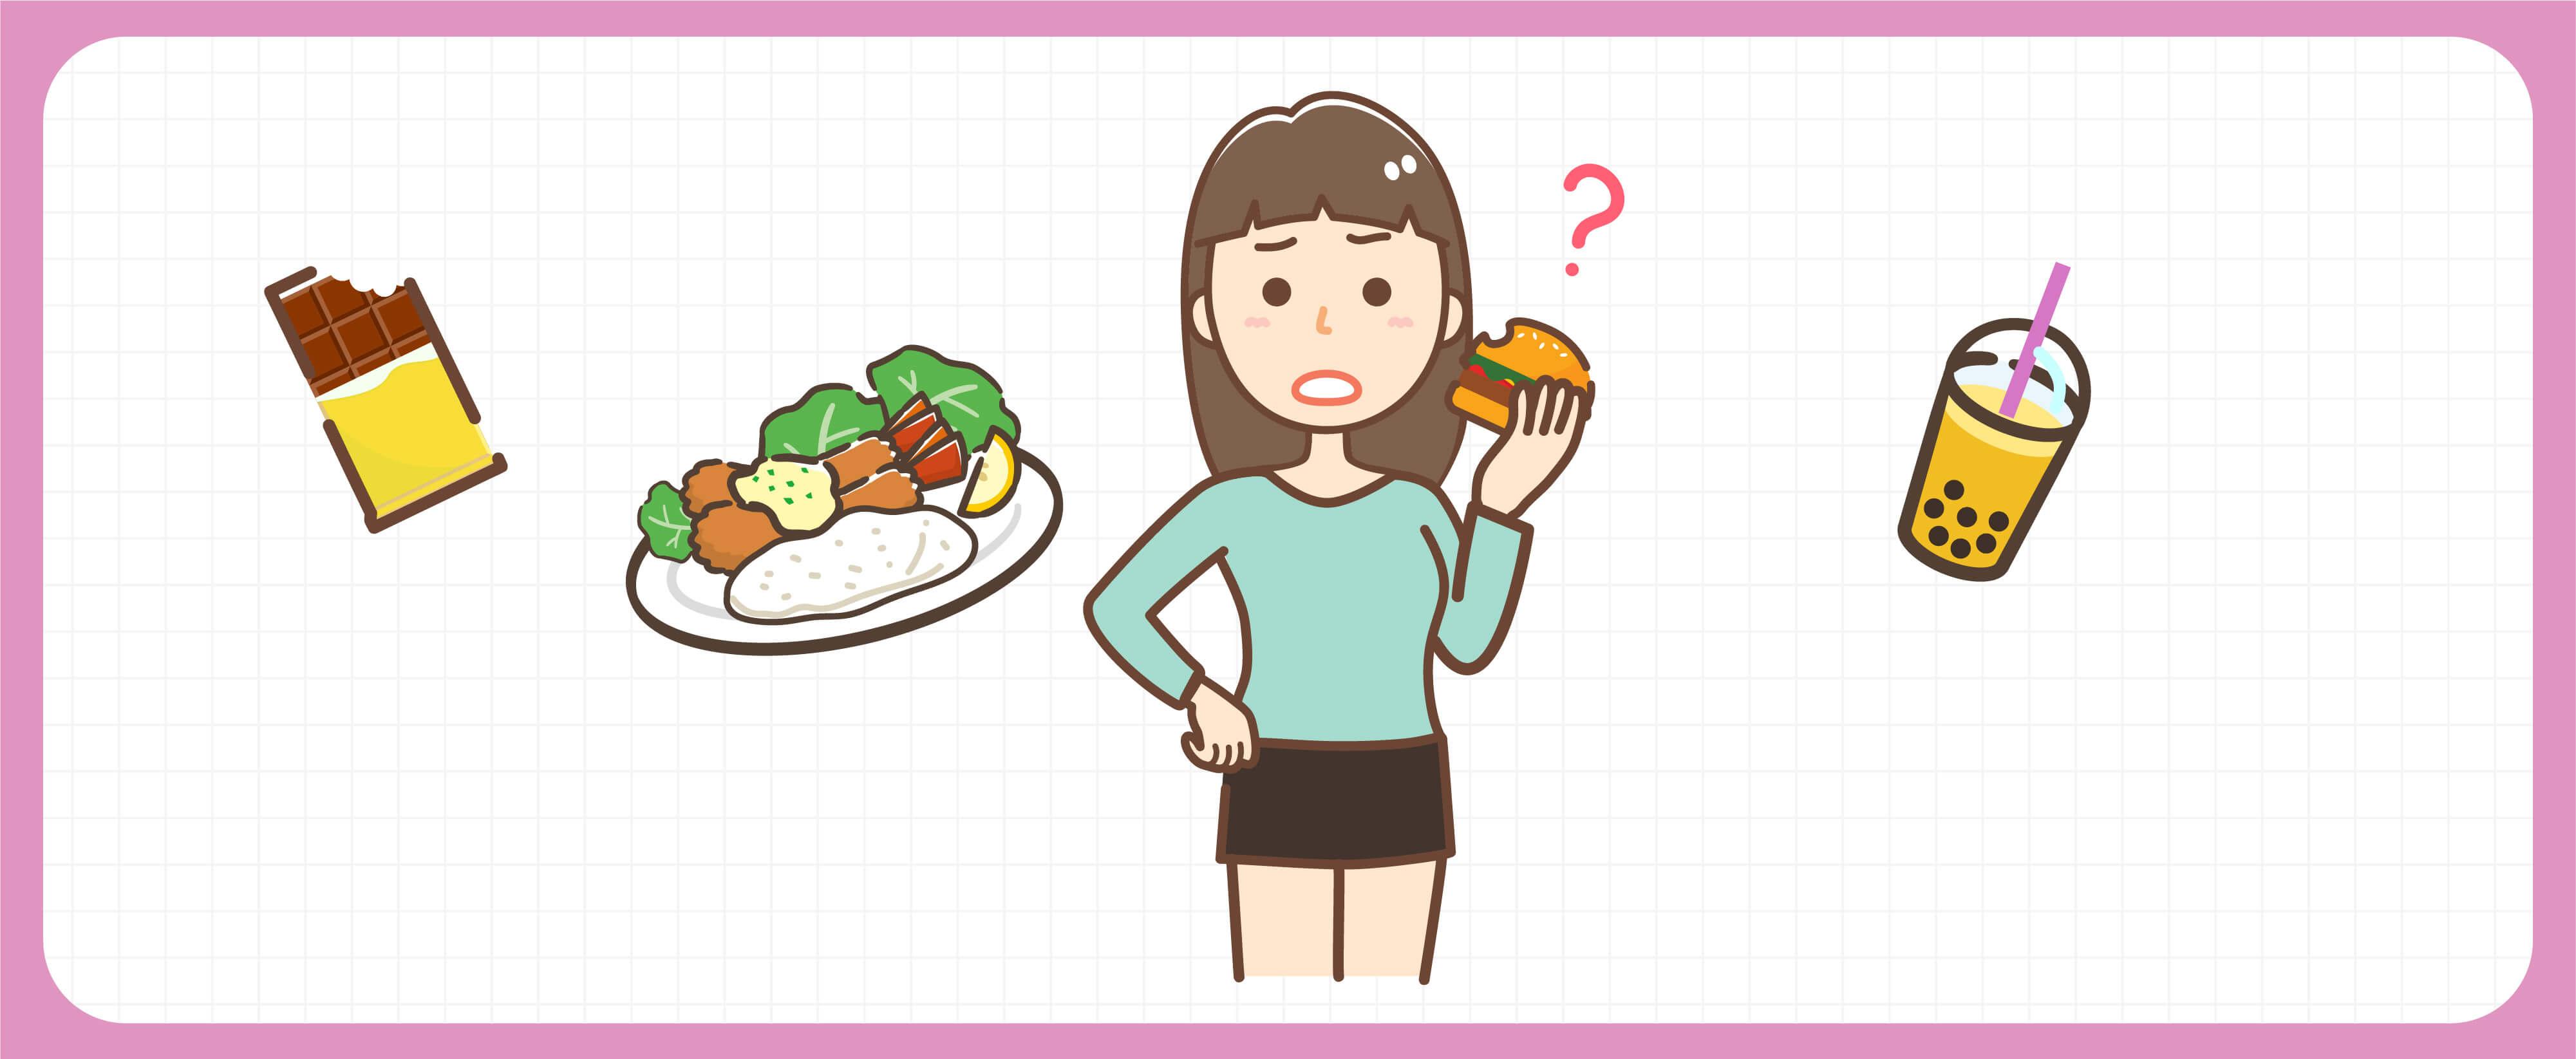 【不一定是肚餓才不斷吃?】